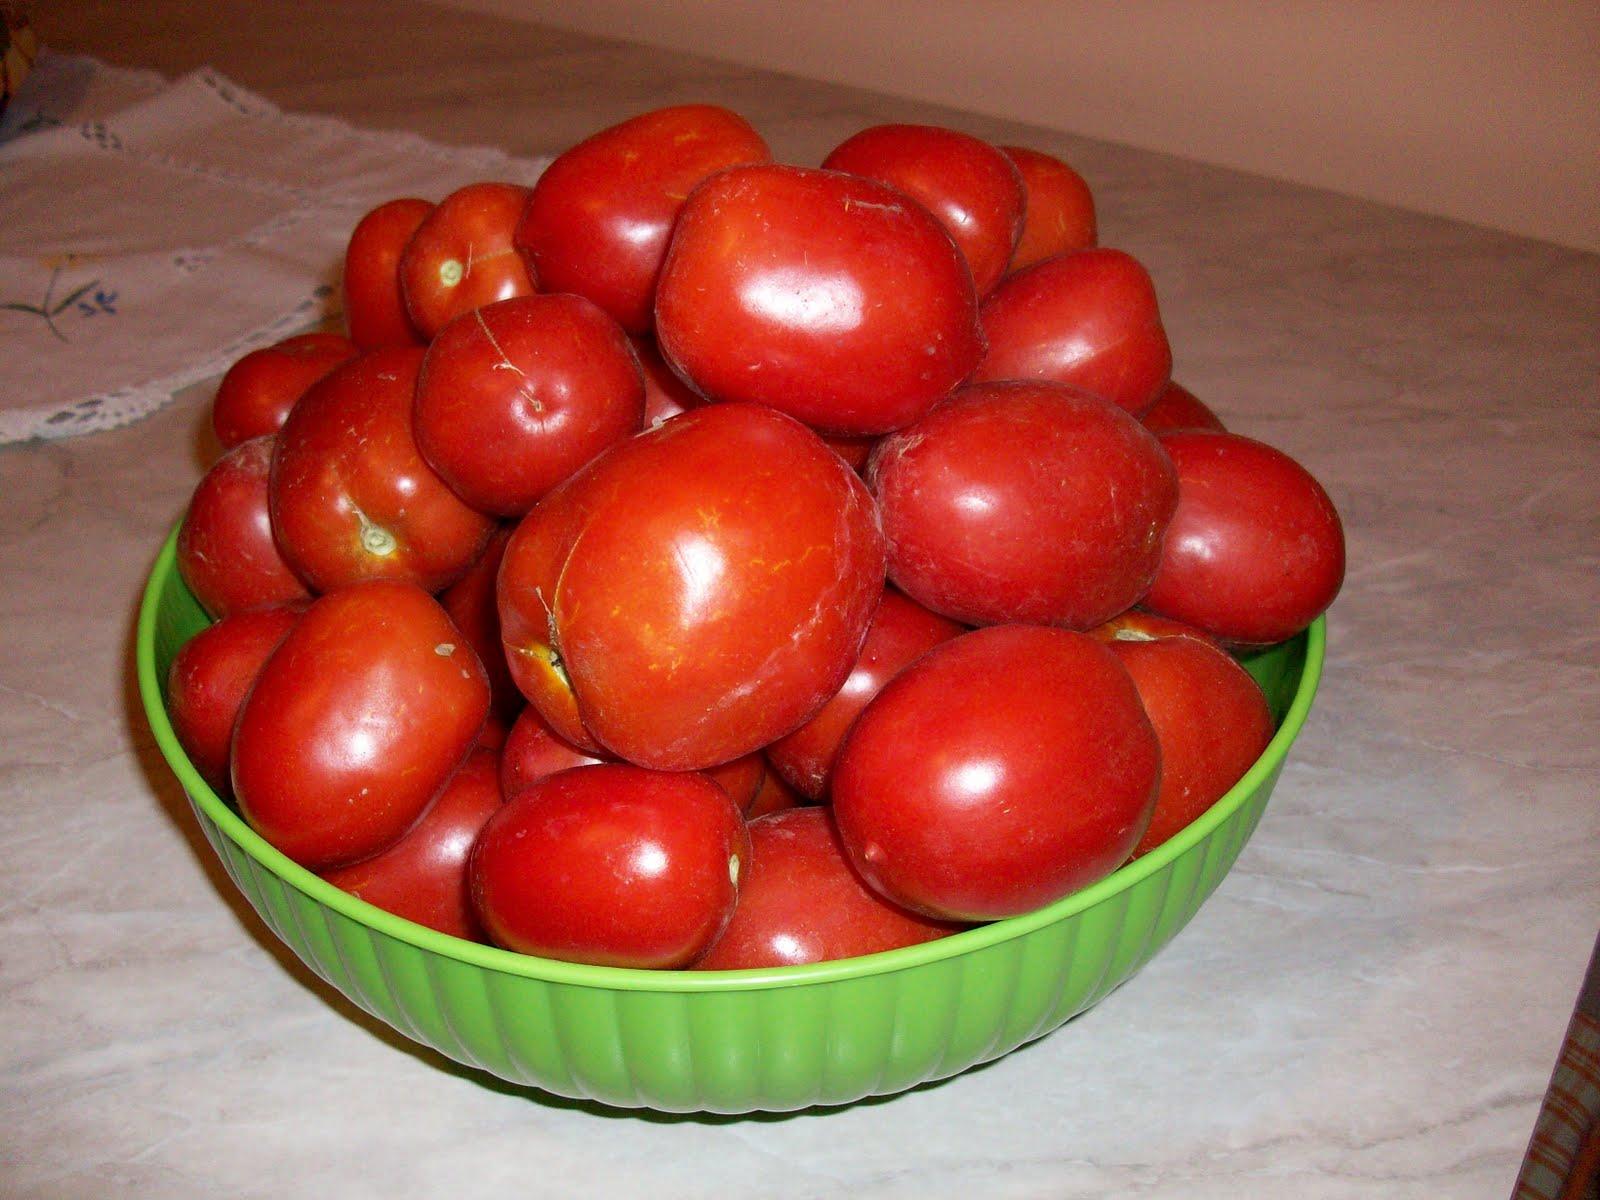 La mia conserva di pomodoro da le ricette di zia patty su for Concime per pomodori